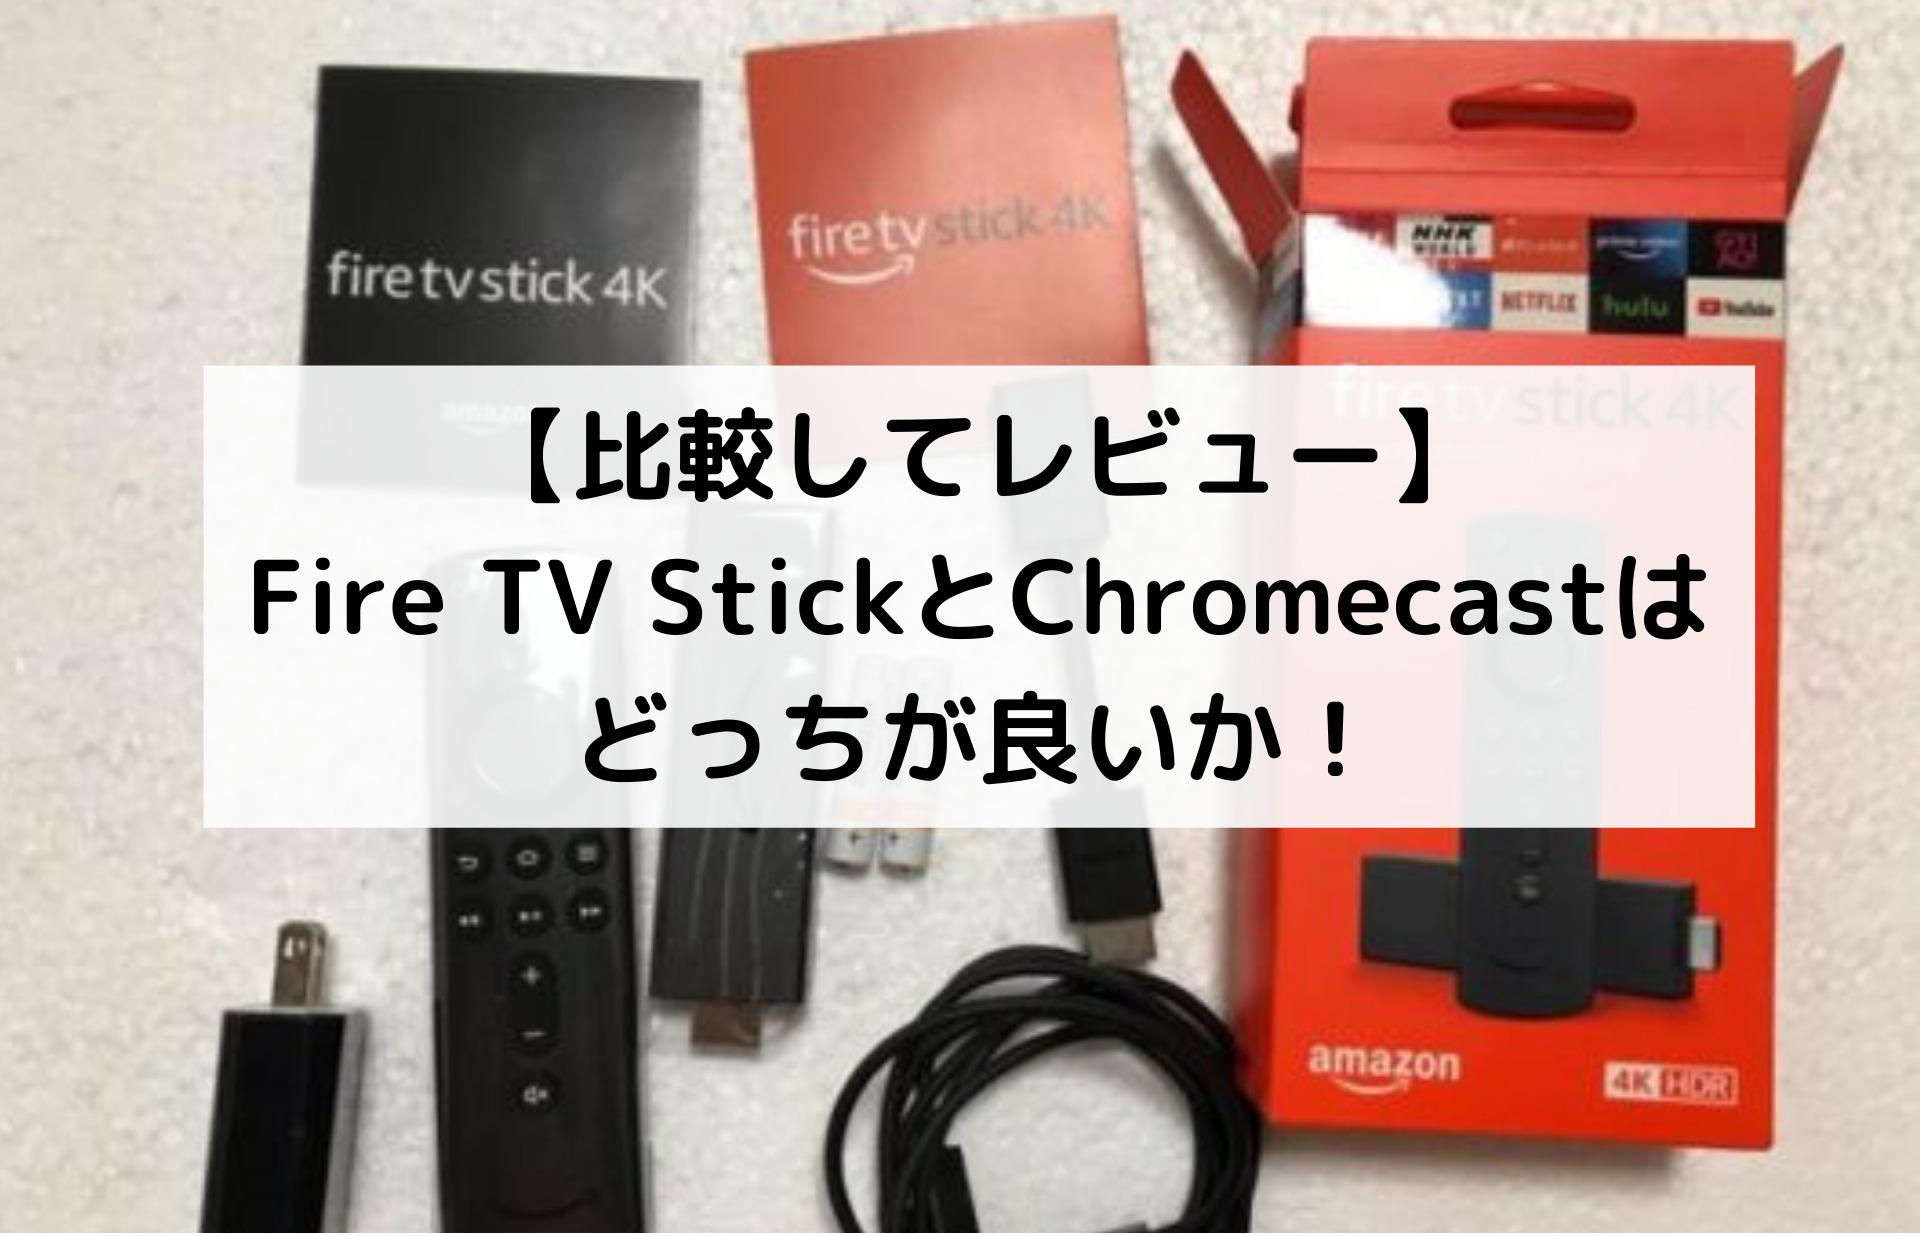 【比較してレビュー】Fire TV StickとChromecastはどっちが良いか!